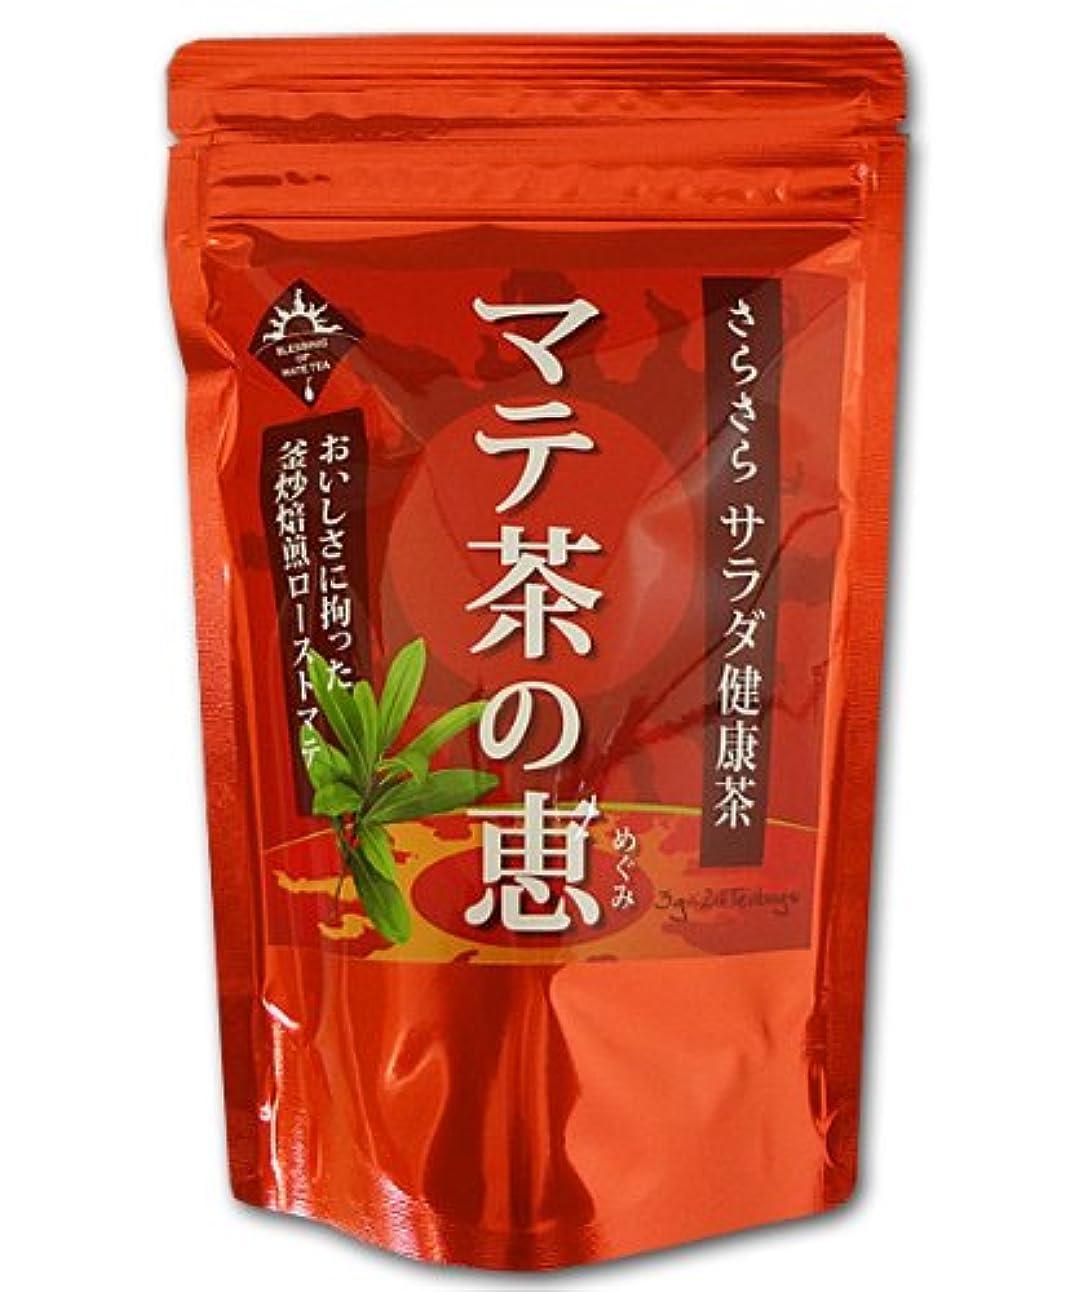 ぐったり汚物不快な昭和製薬 マテ茶の恵 3gx24包